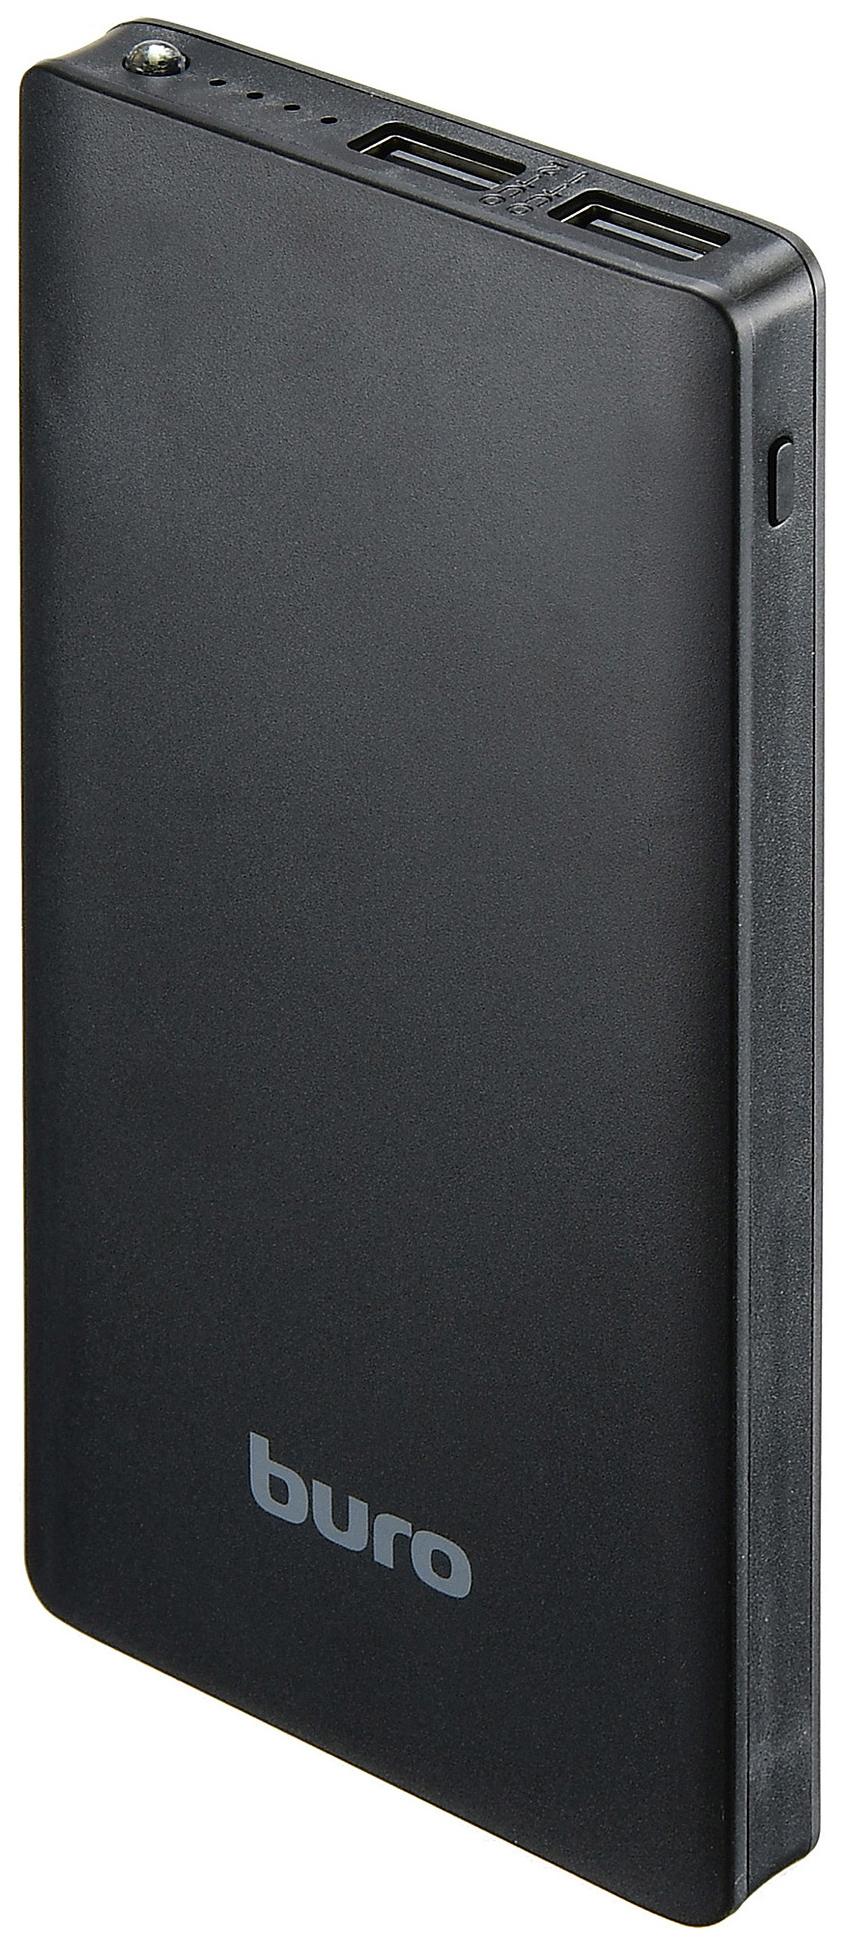 Внешний аккумулятор BURO RCL-10000-BK 10000 мА/ч Black